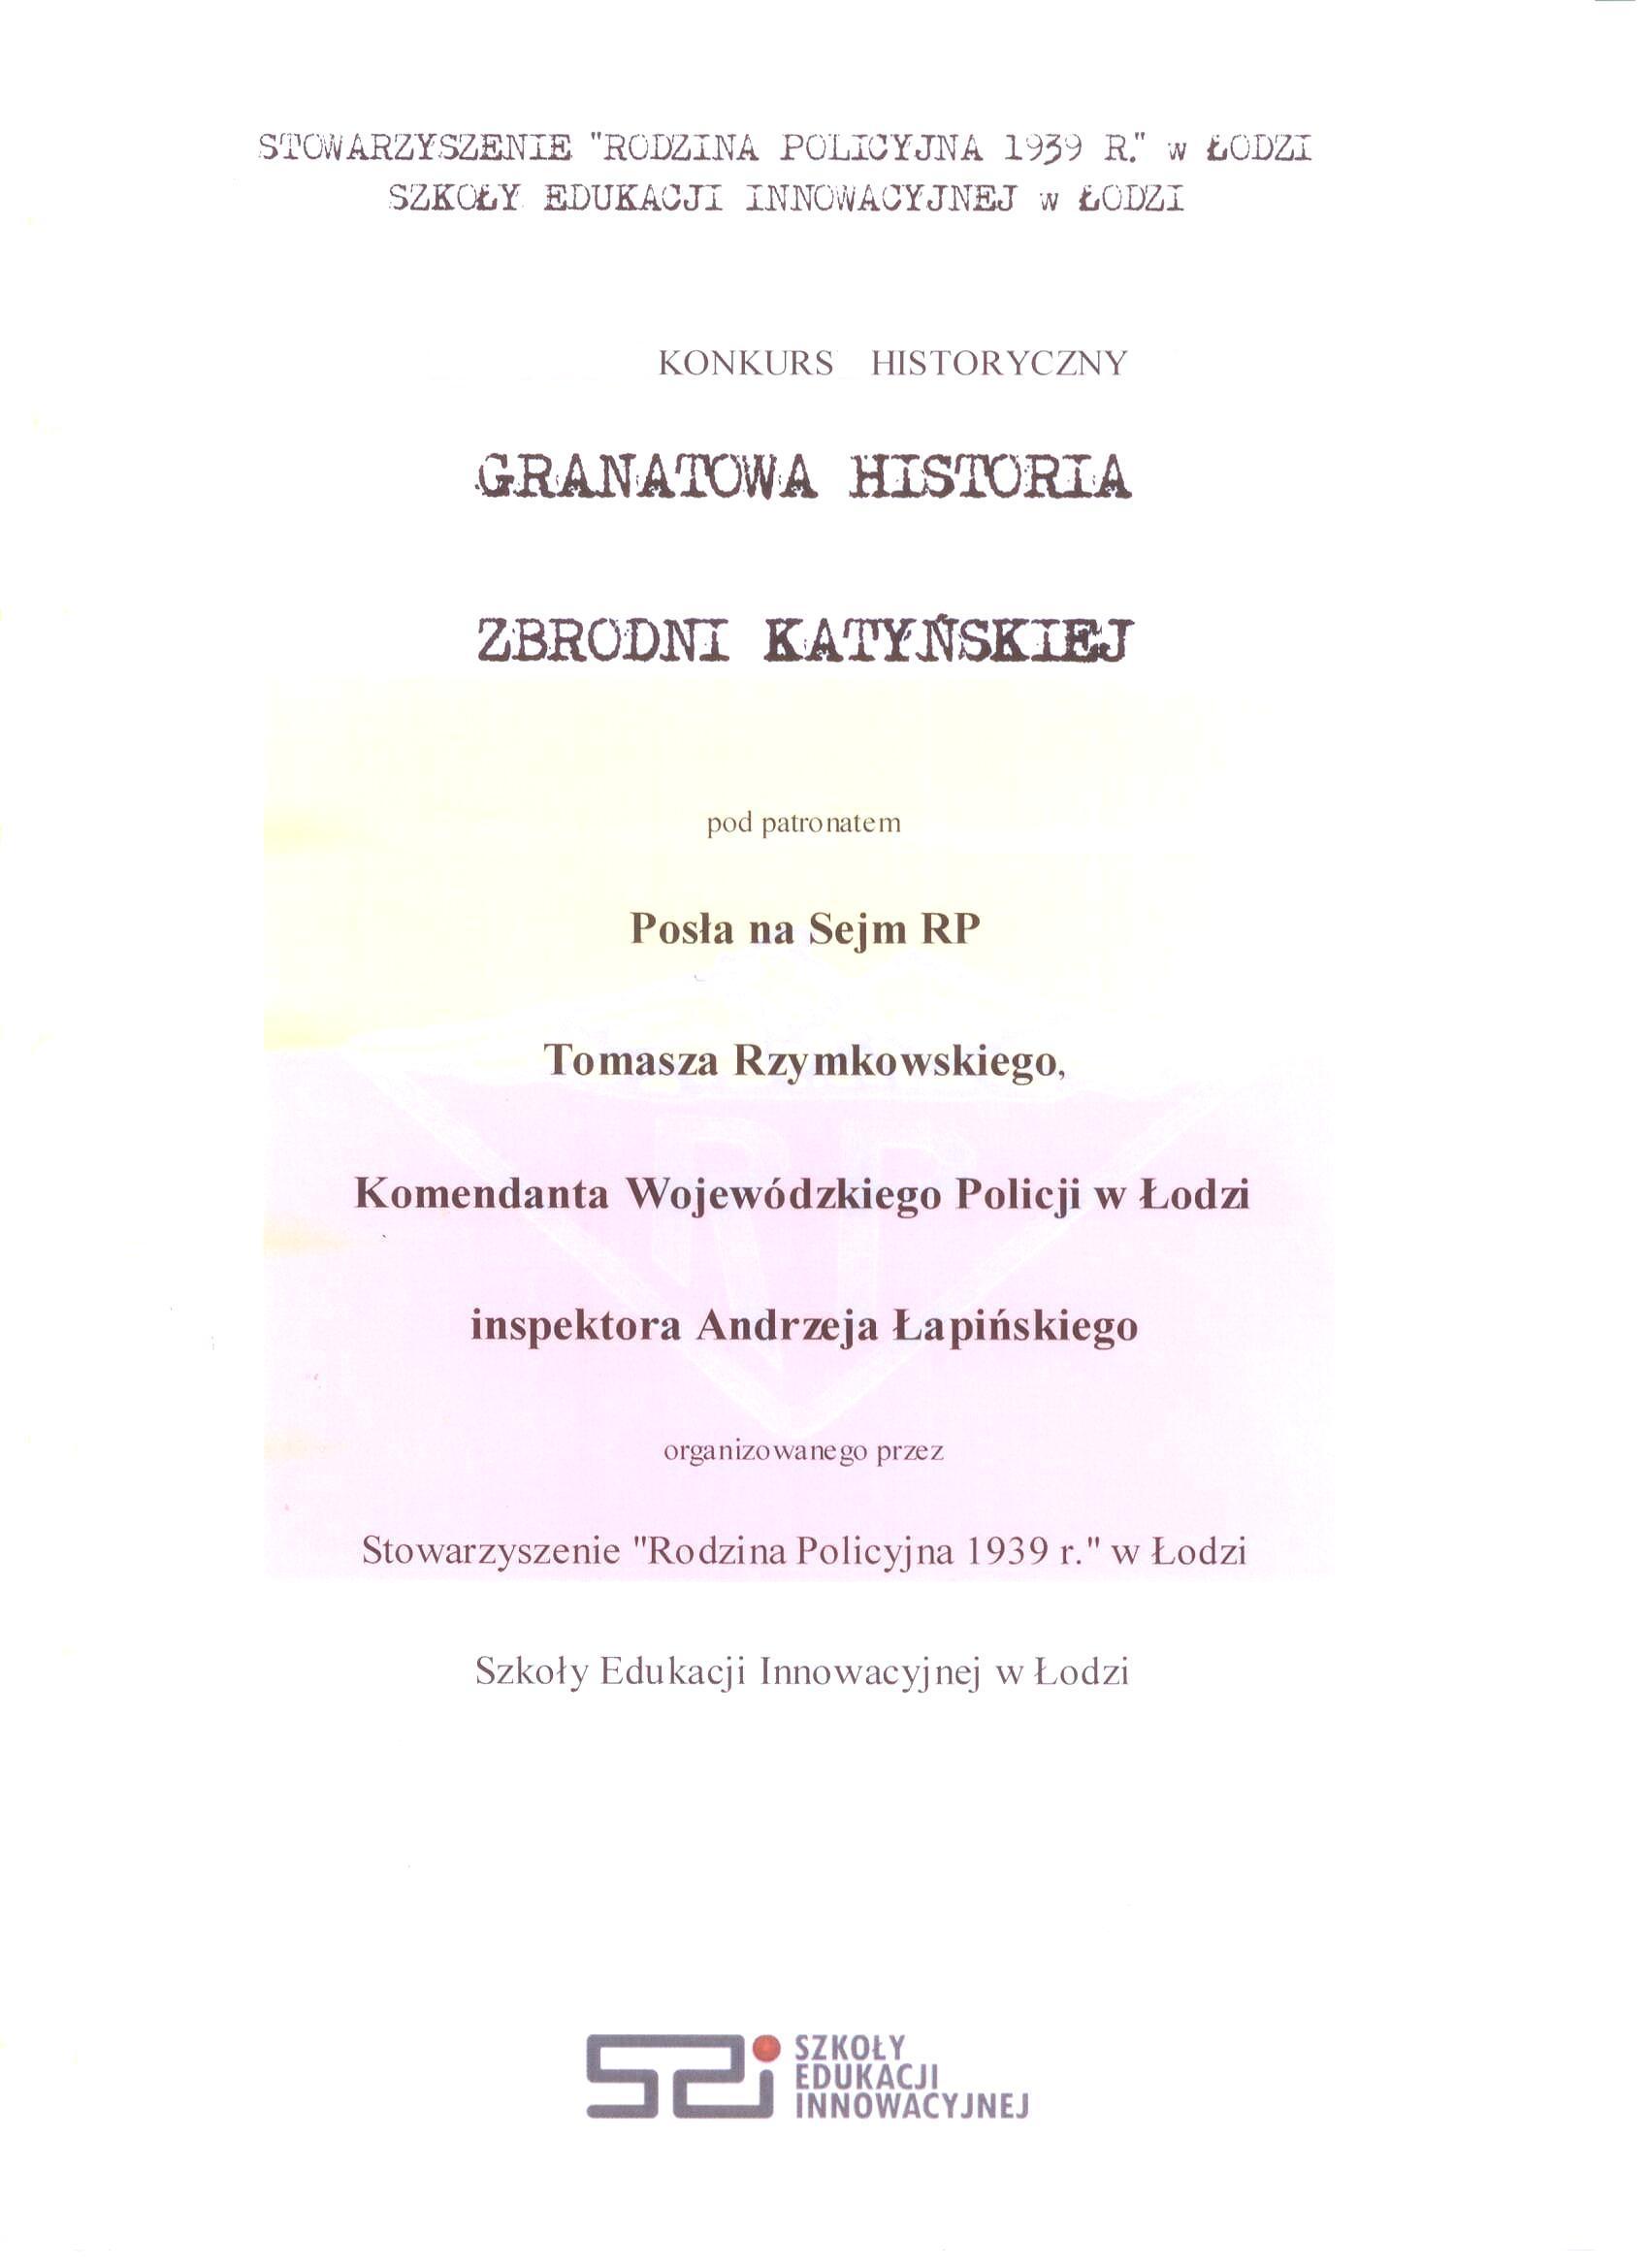 Konkurs Granatowa Historia Zbrodni Katyńskiej